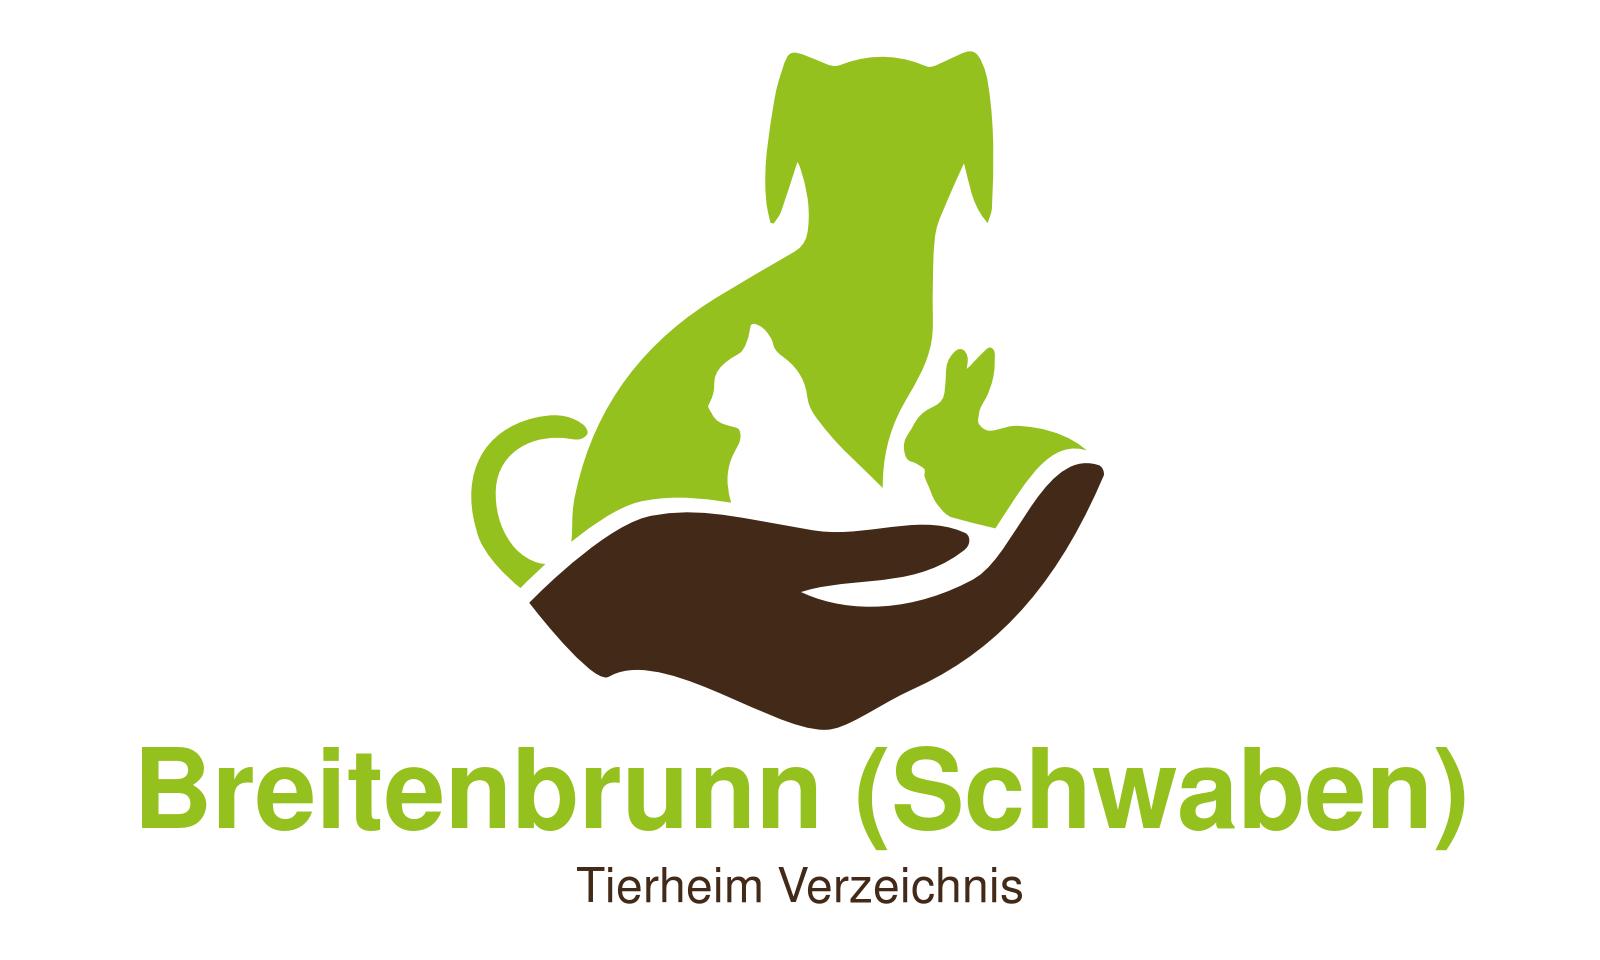 Tierheim Breitenbrunn (Schwaben)